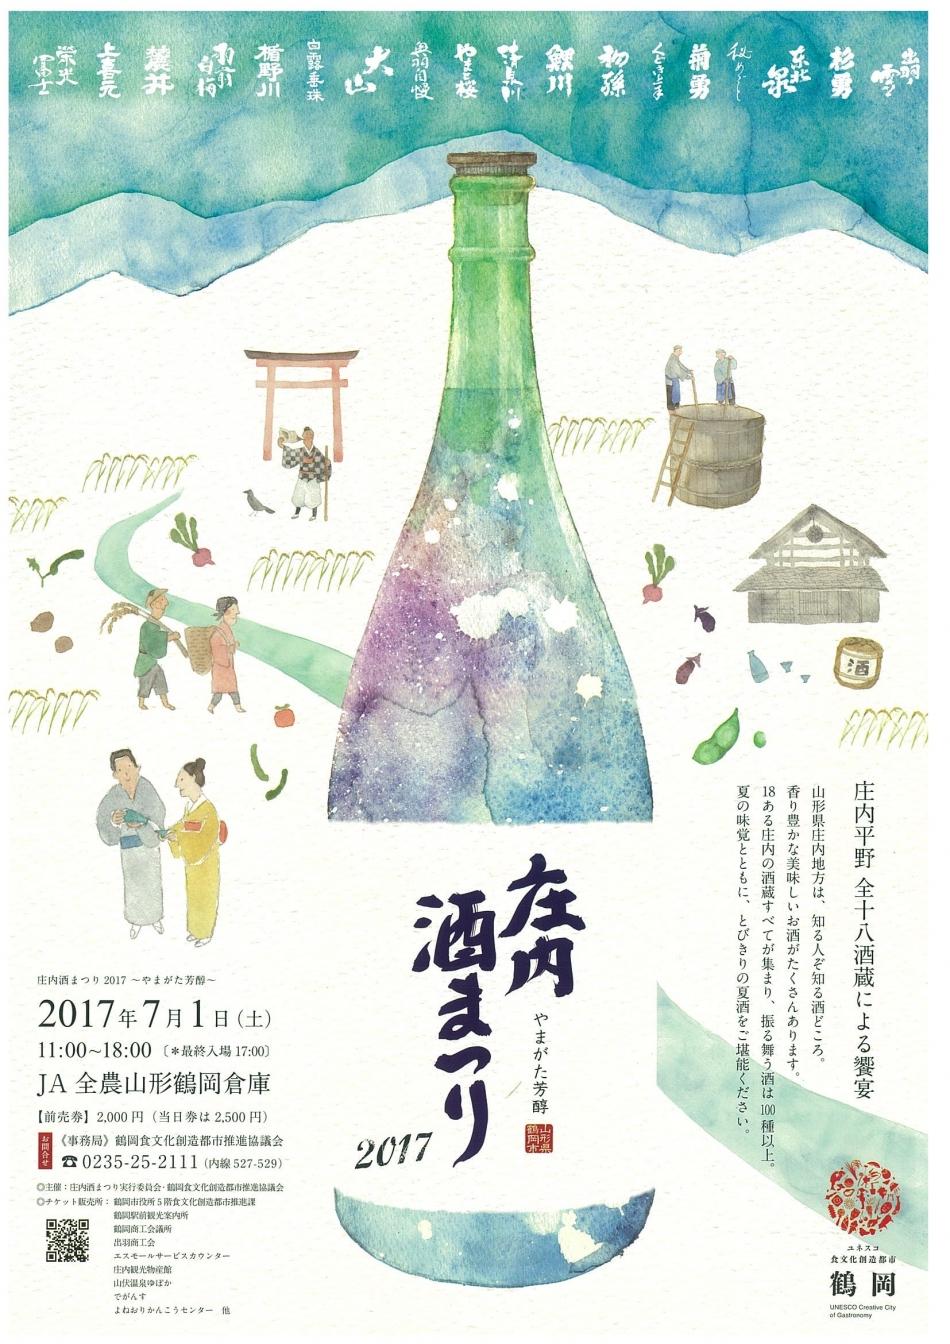 「庄内酒まつり2017」が開催されます!【7月1日(土)】